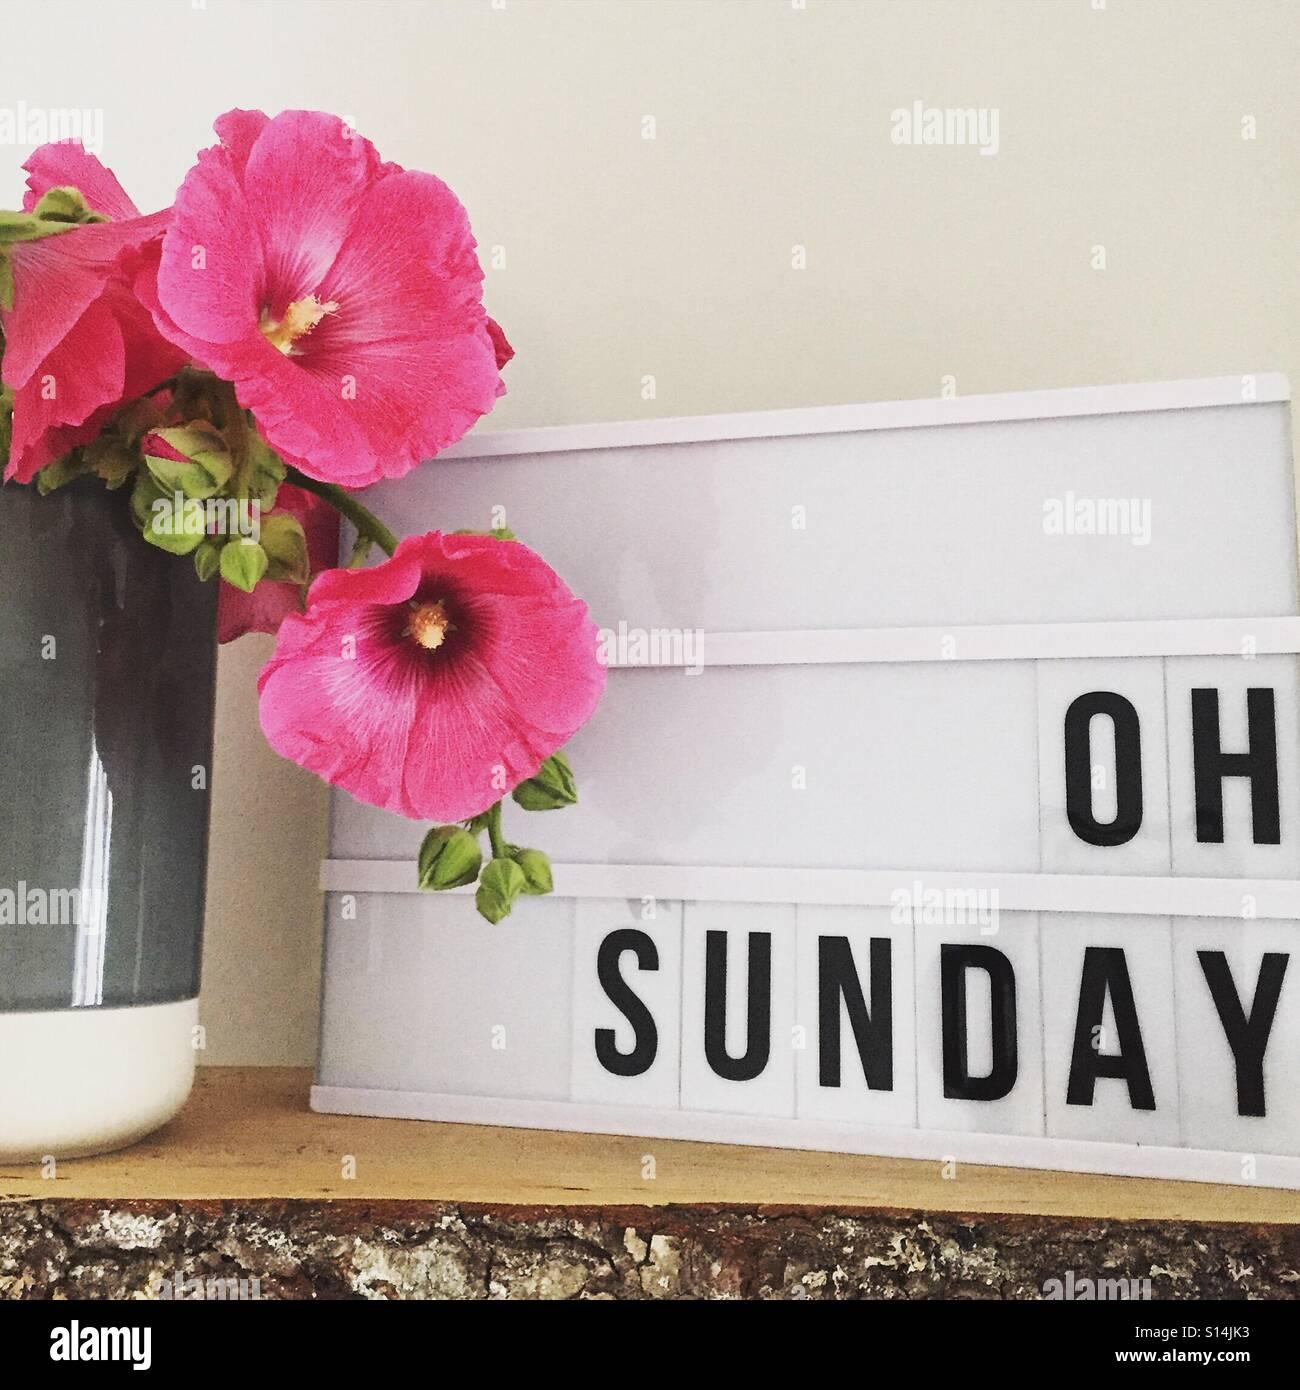 Oh Sunday - Stock Image